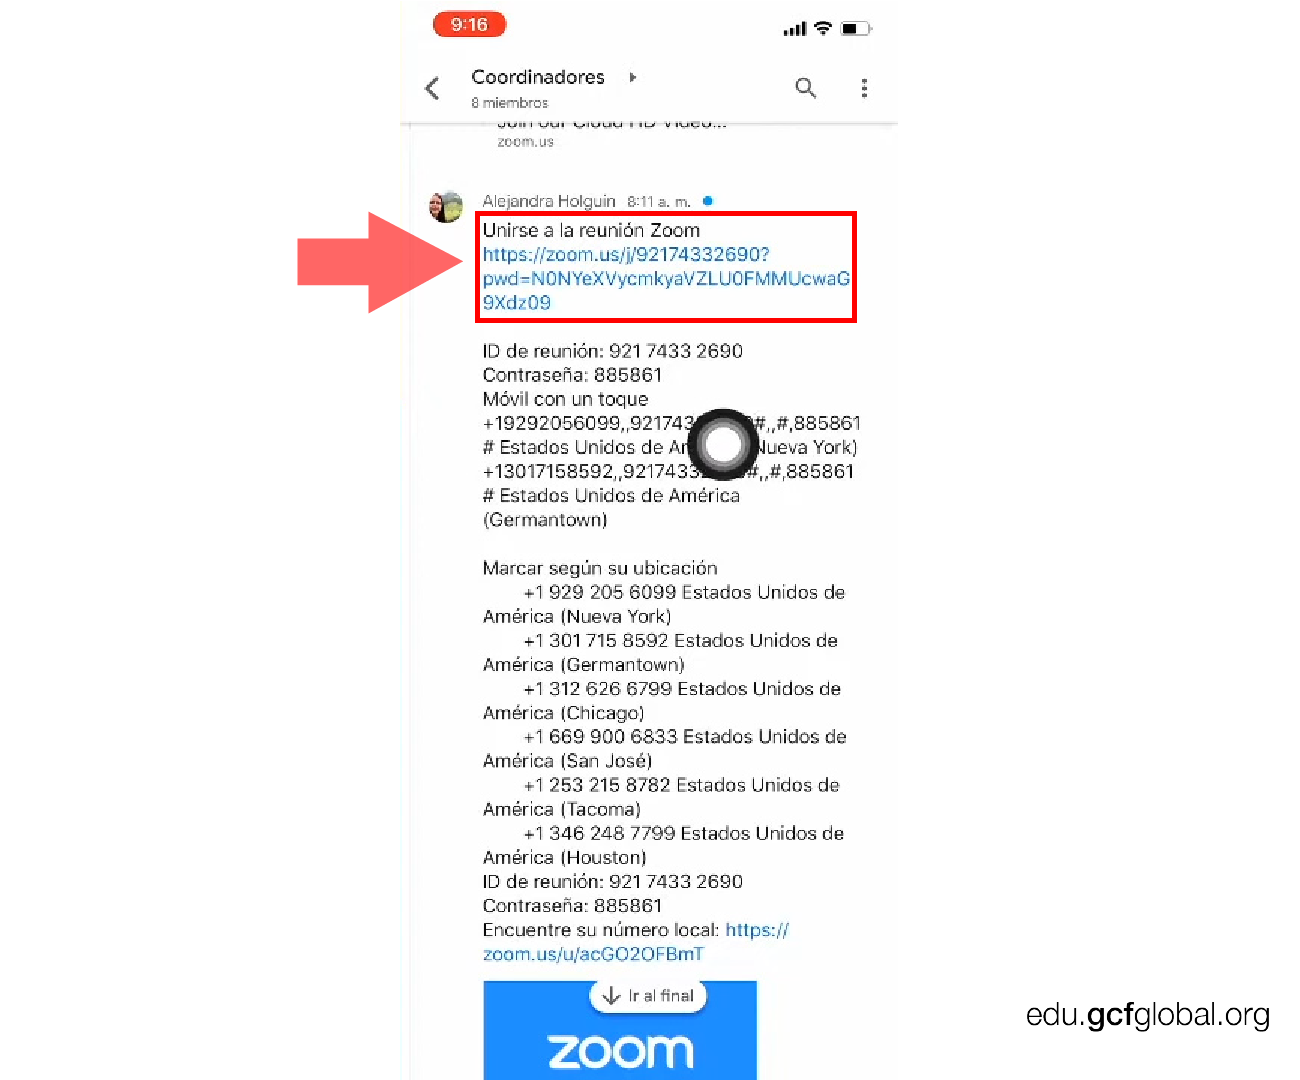 Imagen entrando a reunión con el link de Zoom.